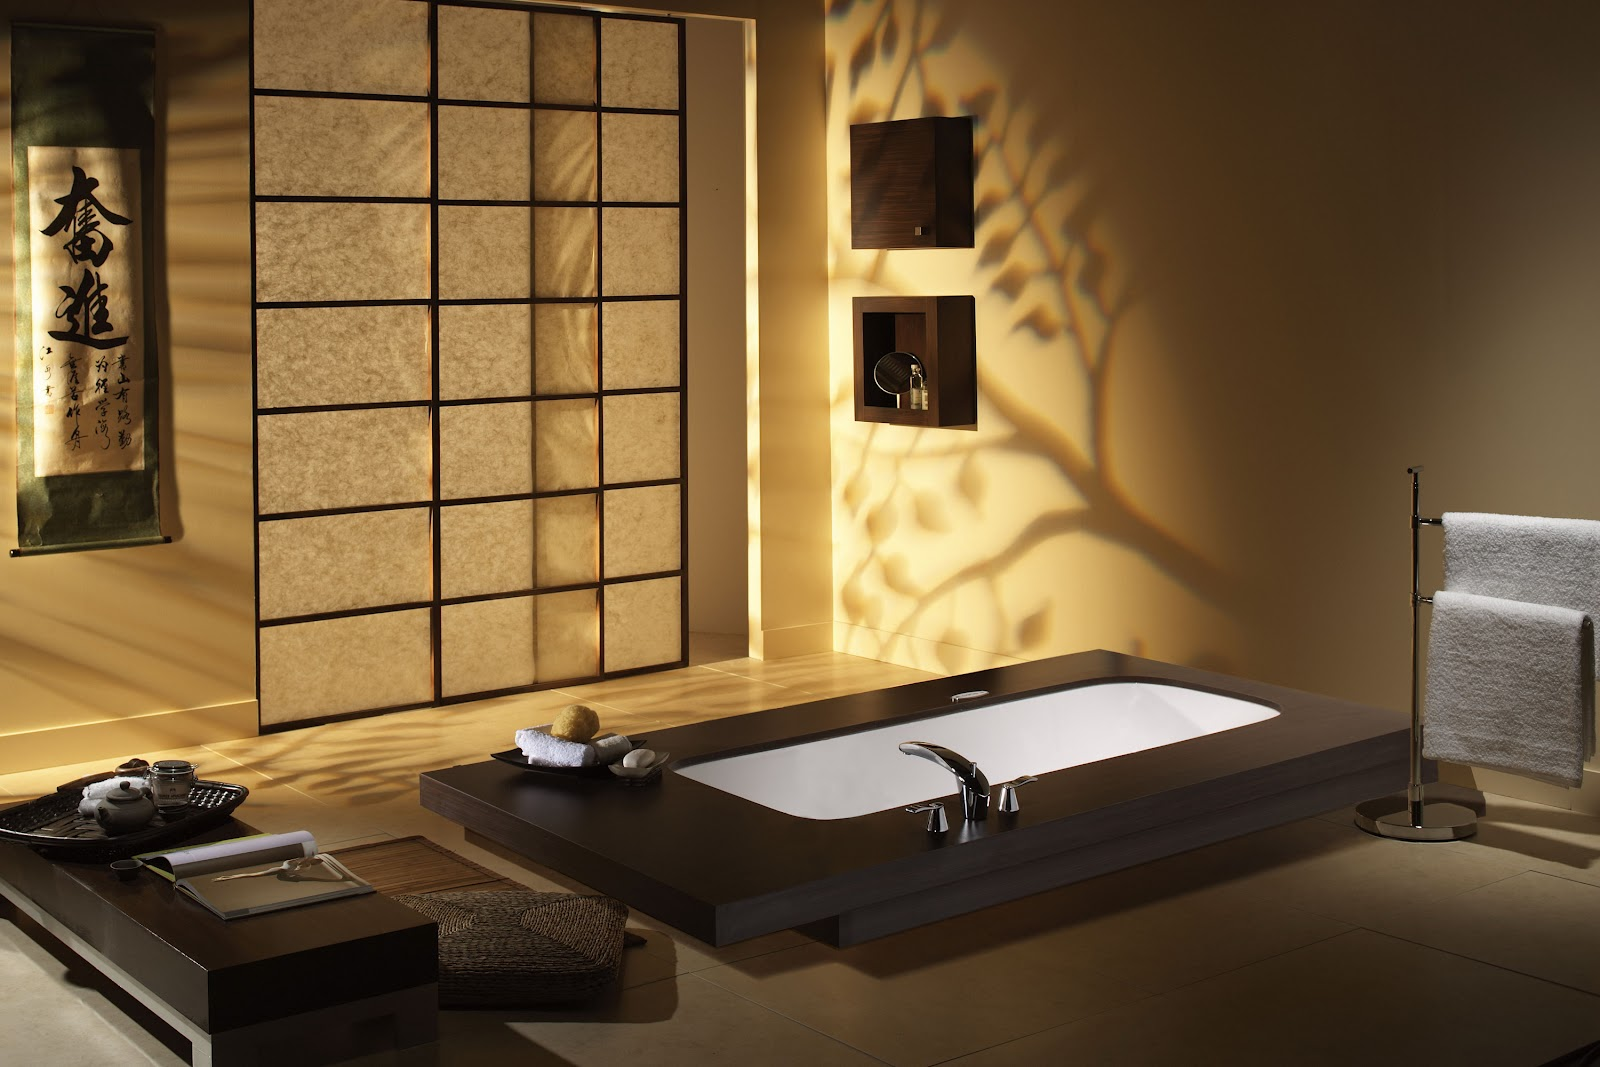 Японские порно шоу с ванной 23 фотография